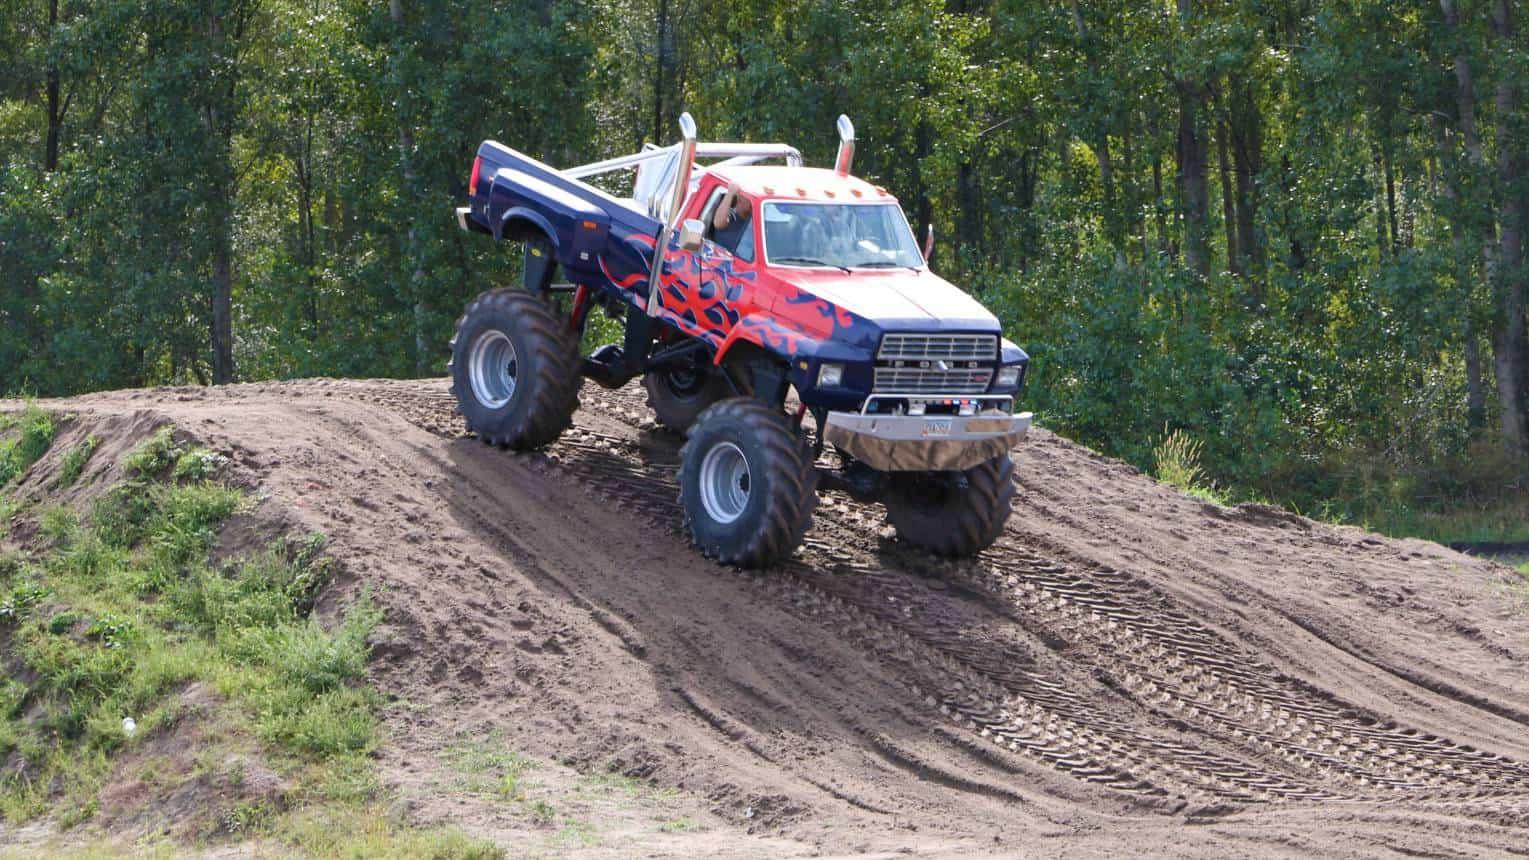 Óriás Monster Truck - Bigfoot vezetés 20 fő részére